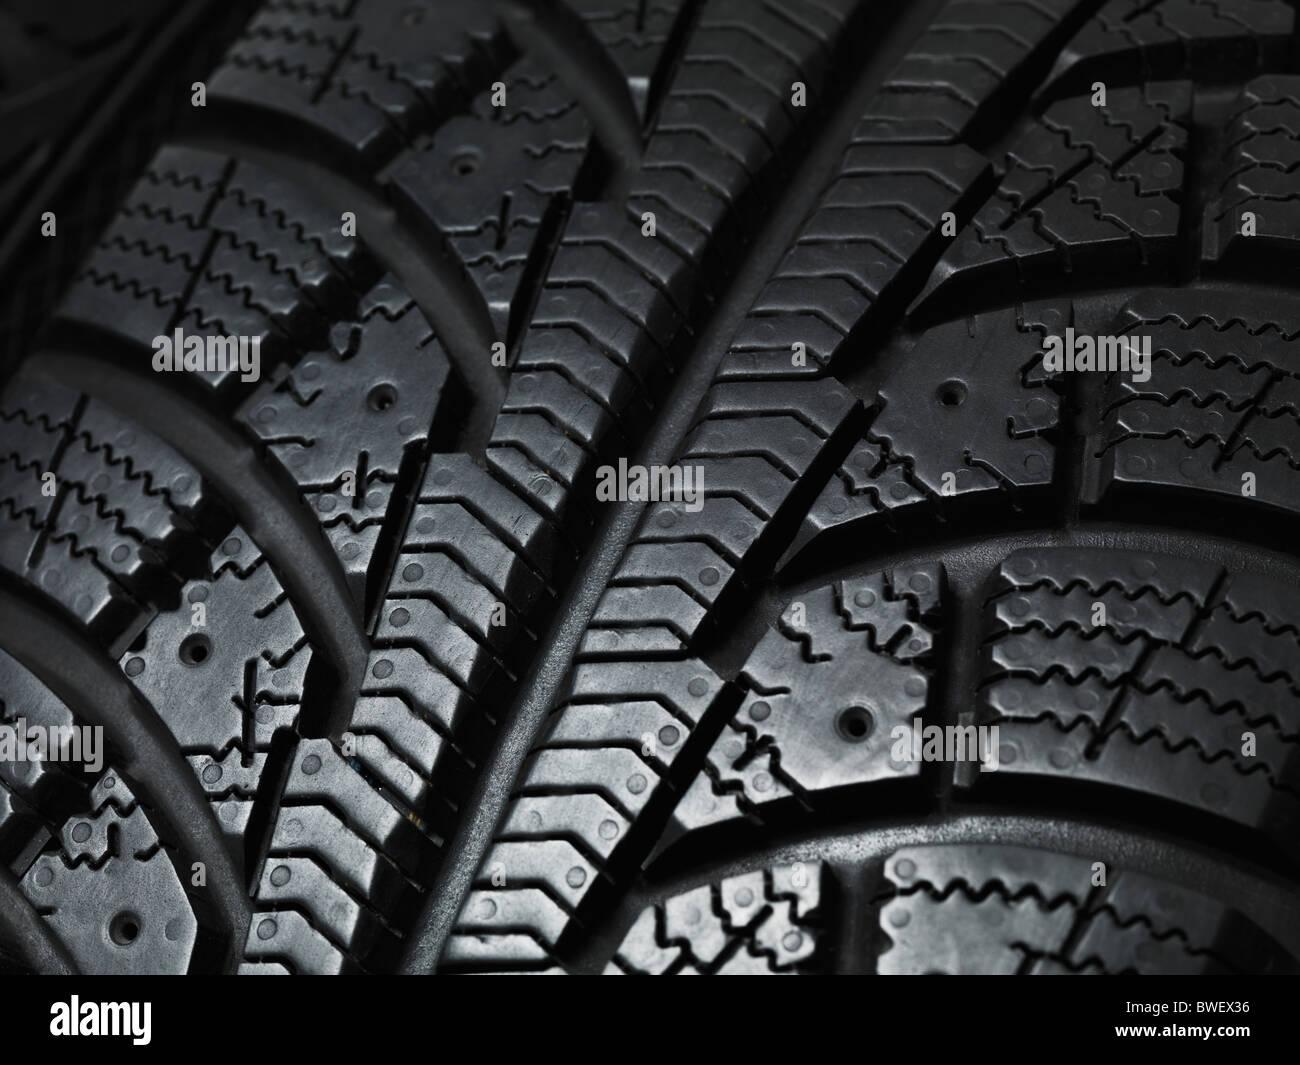 Primo piano di un inverno di pneumatici vettura texture del battistrada Immagini Stock